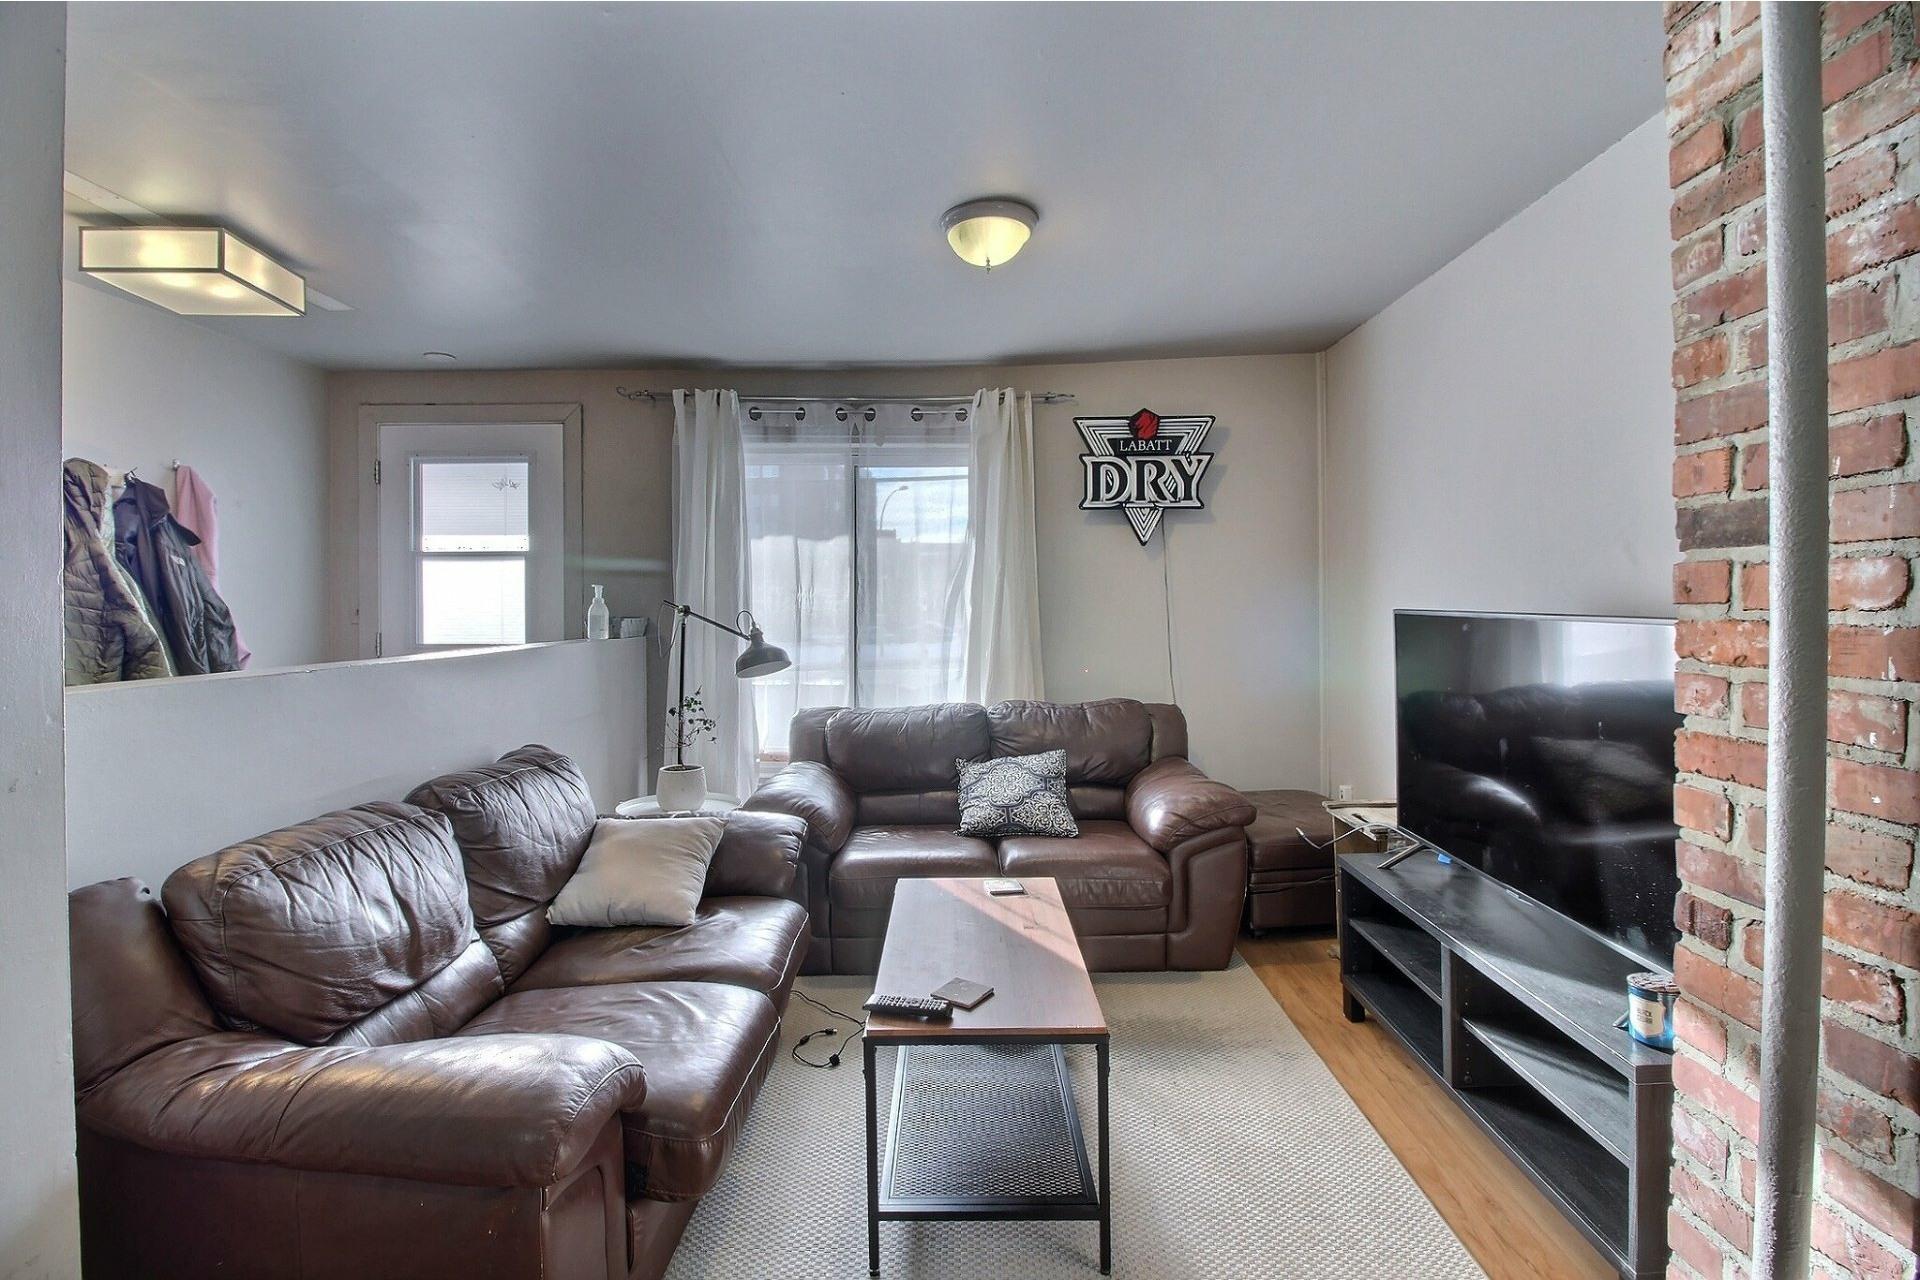 image 3 - Duplex À vendre Fleurimont Sherbrooke  - 4 pièces